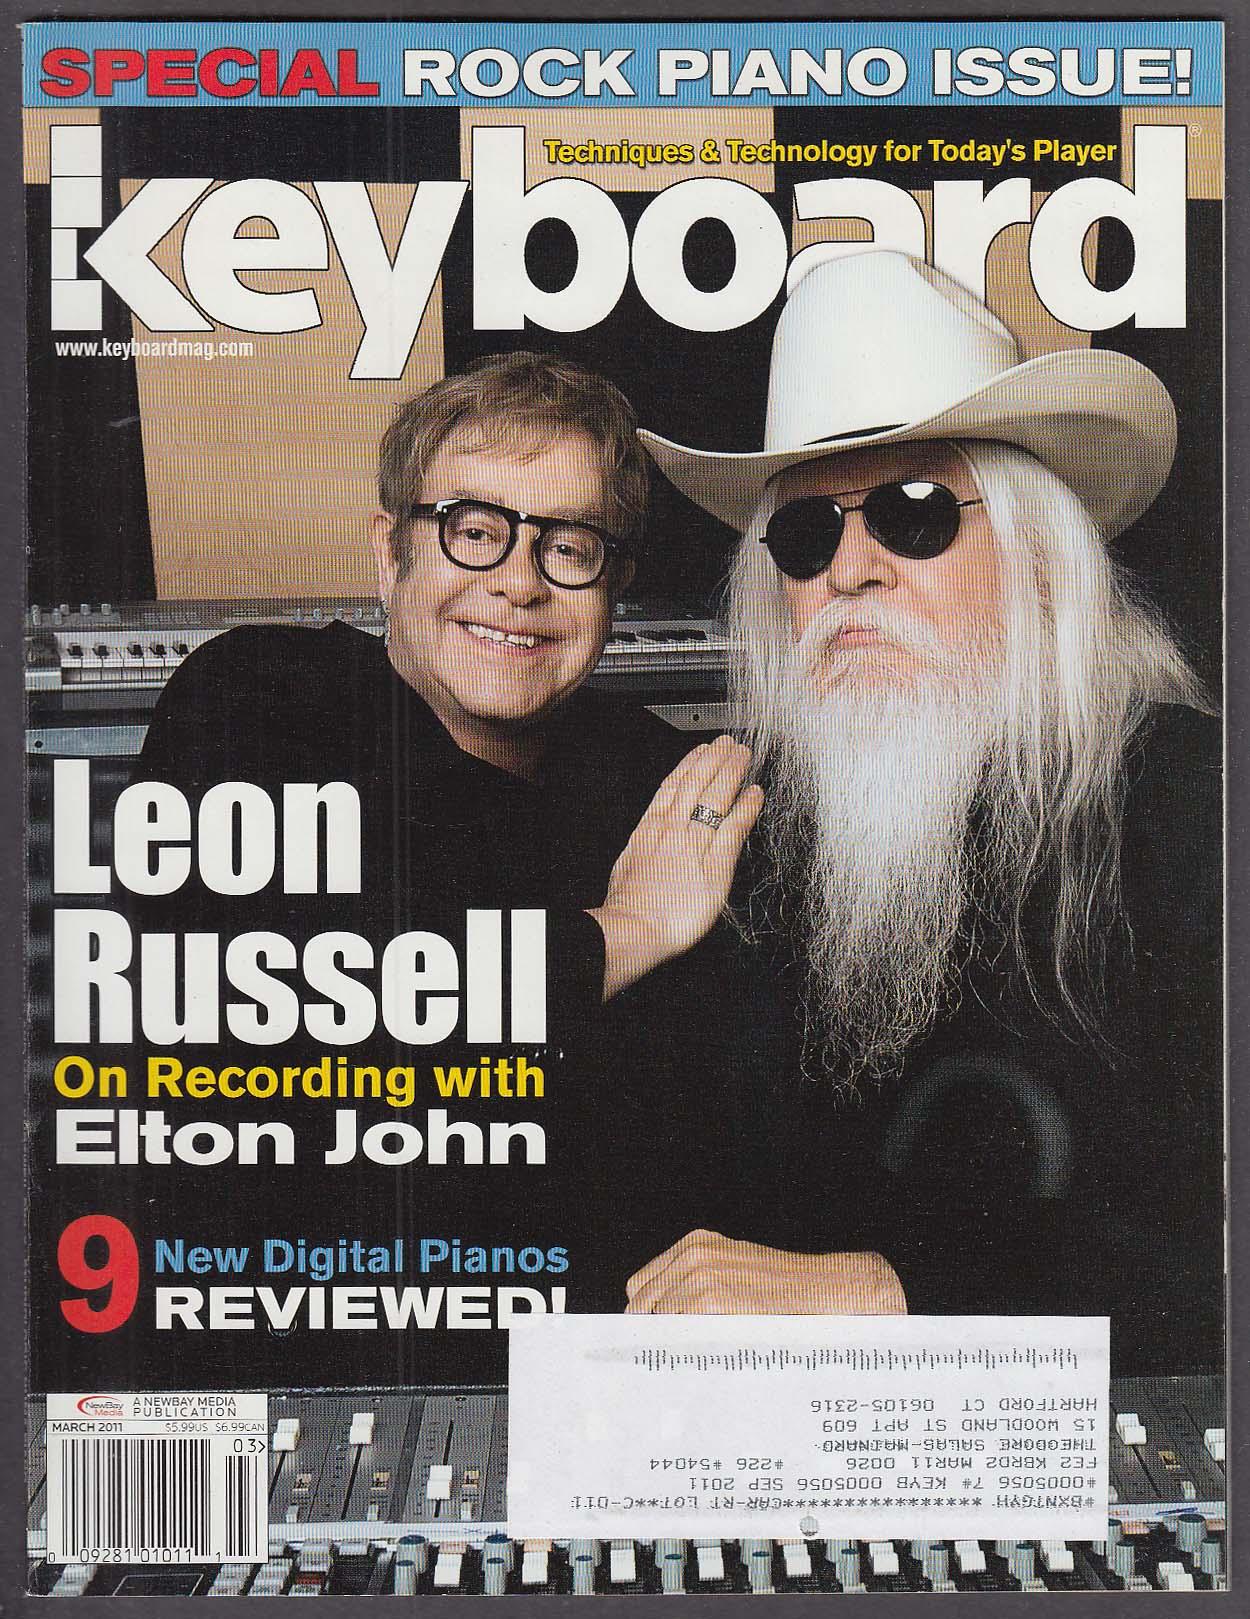 KEYBOARD Leon Russell Elton John Jason D Williams Jonathan Hamby ++ 3 2011